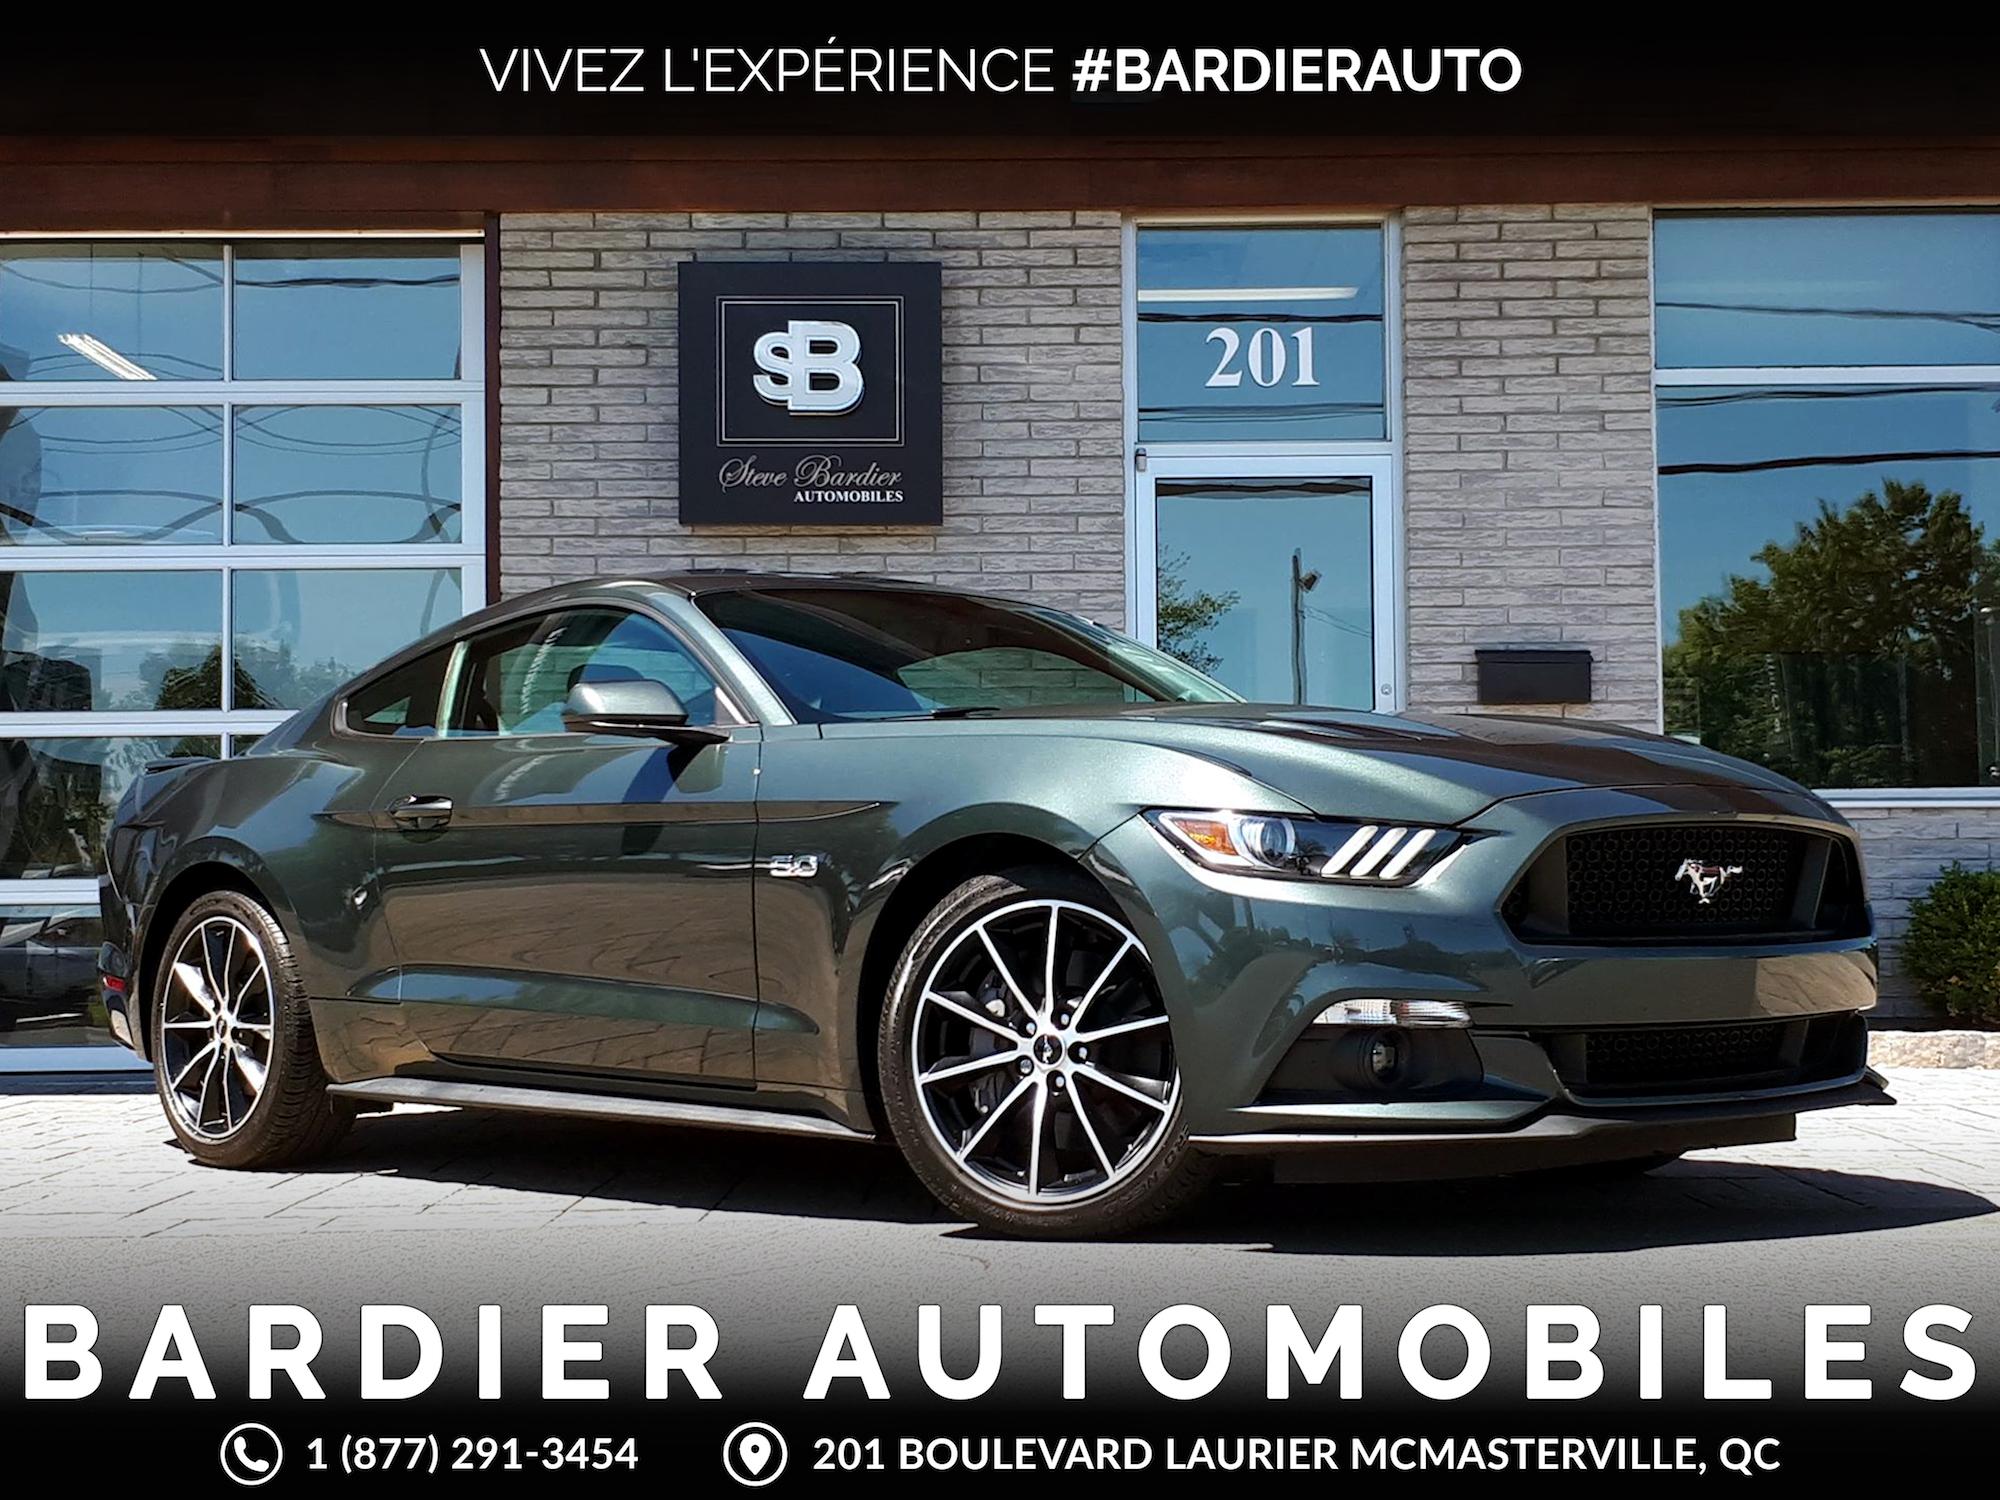 bardier automobiles inc 2016 ford mustang gt fastback 5 0 3175 km vendu 6 juillet 2018. Black Bedroom Furniture Sets. Home Design Ideas